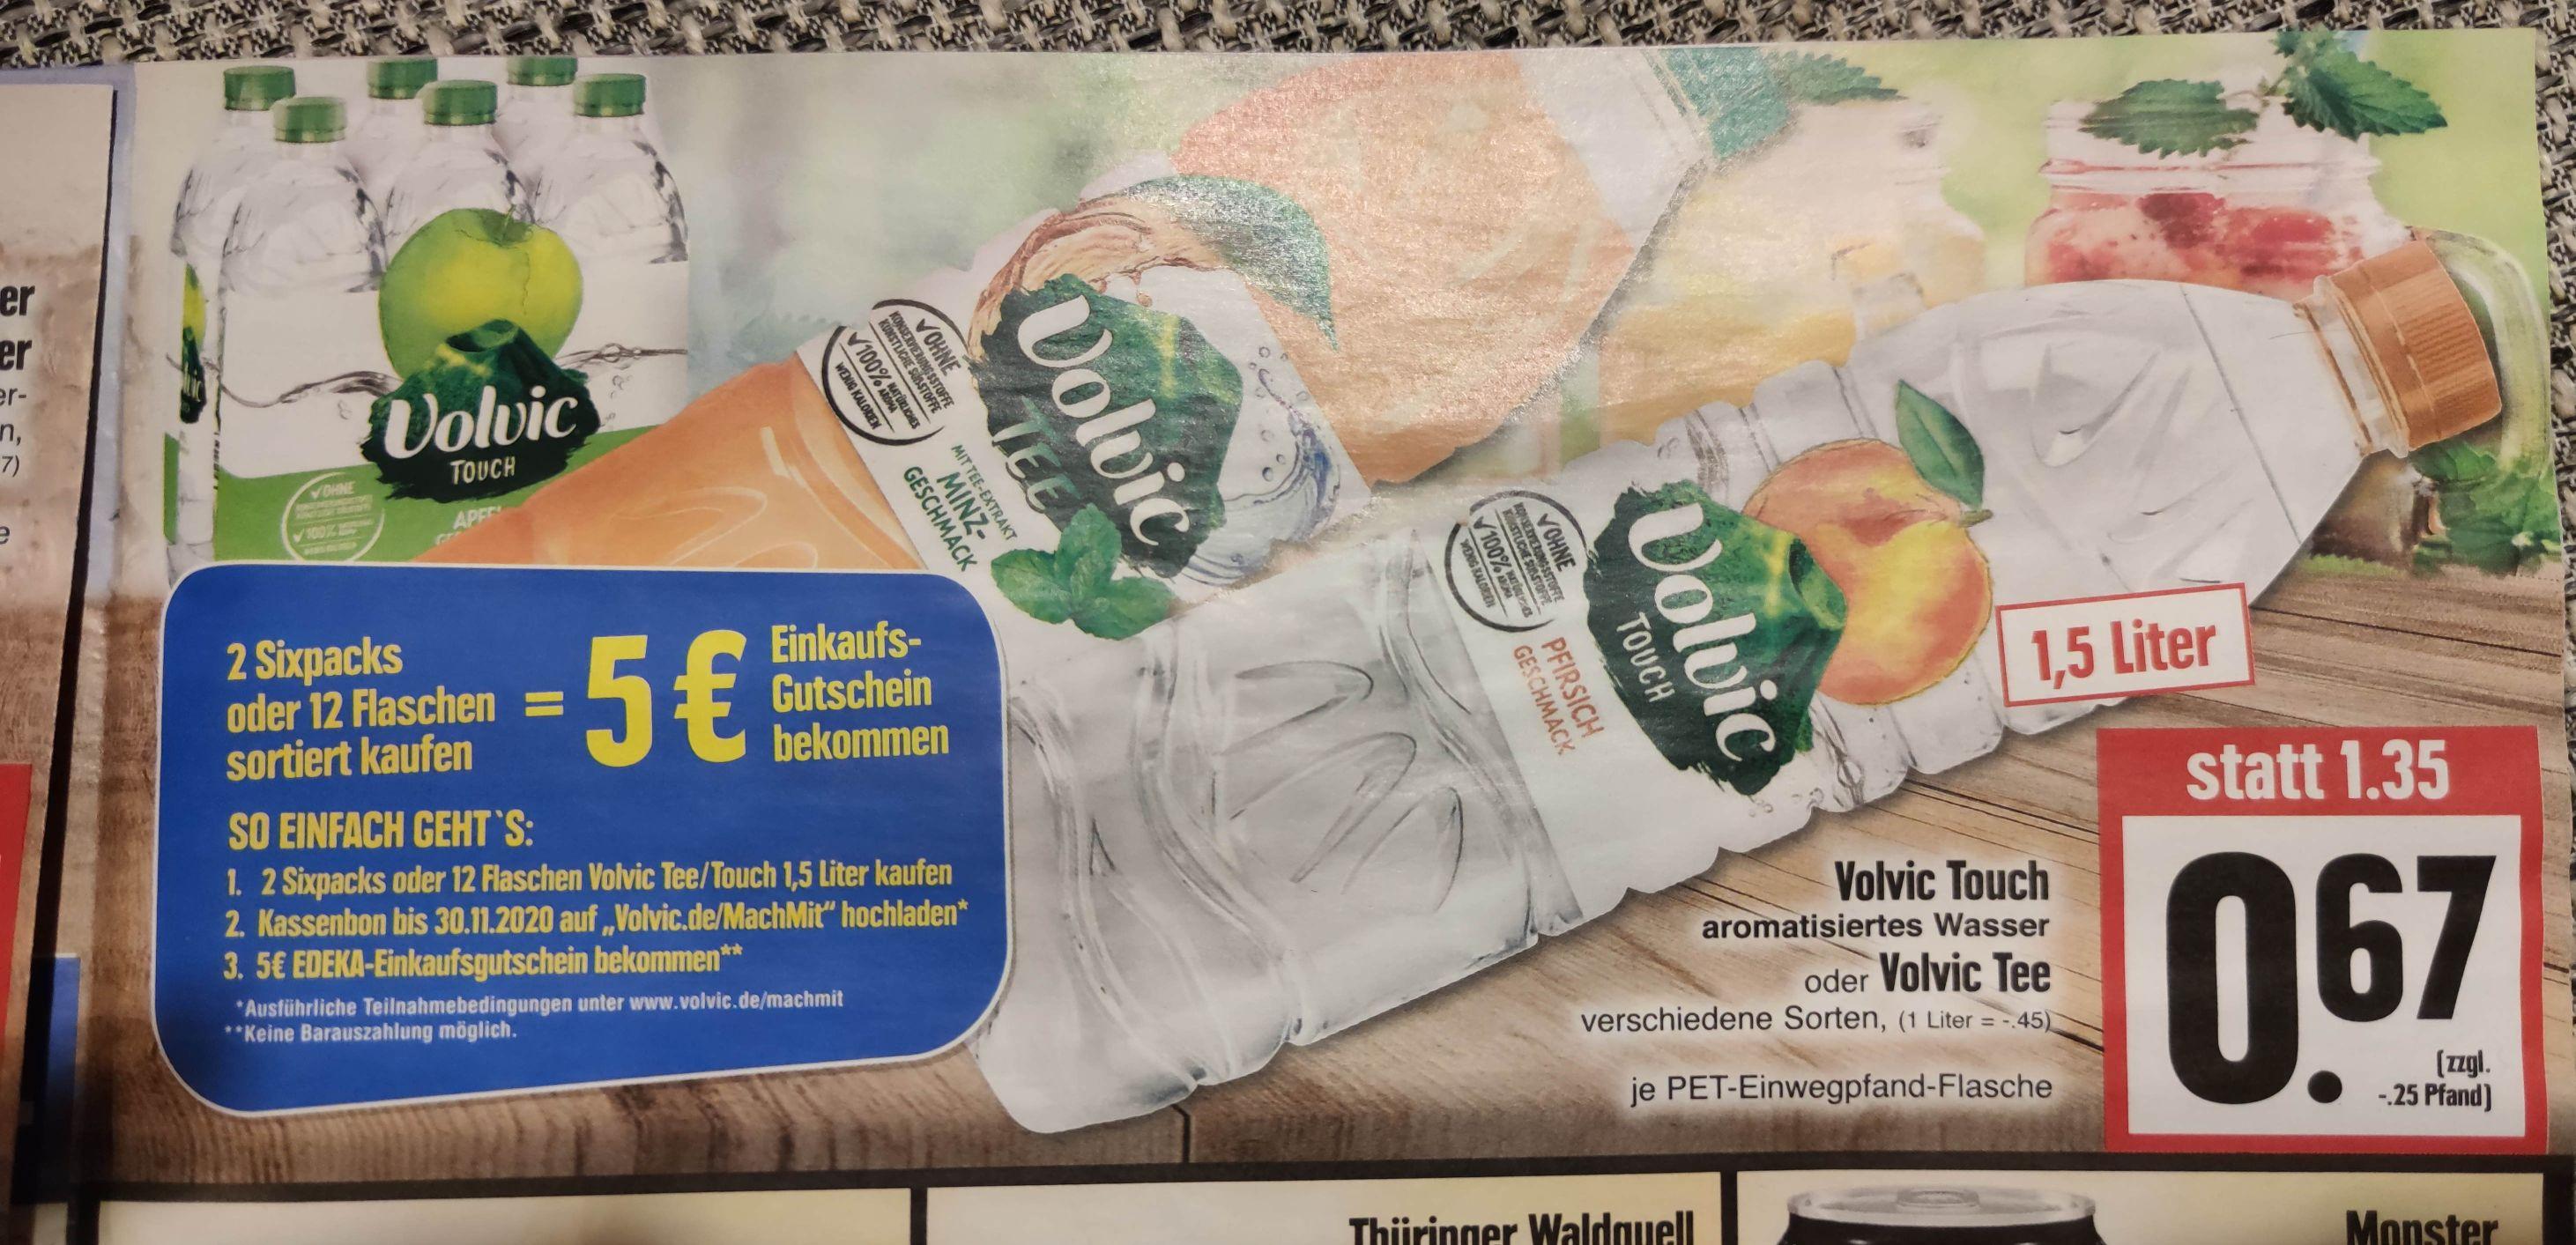 12 Flaschen Volvic Tee oder Touch für 8,04€ (zzgl Pfand) inkl 5€ Cashback Gutschein Edeka regional